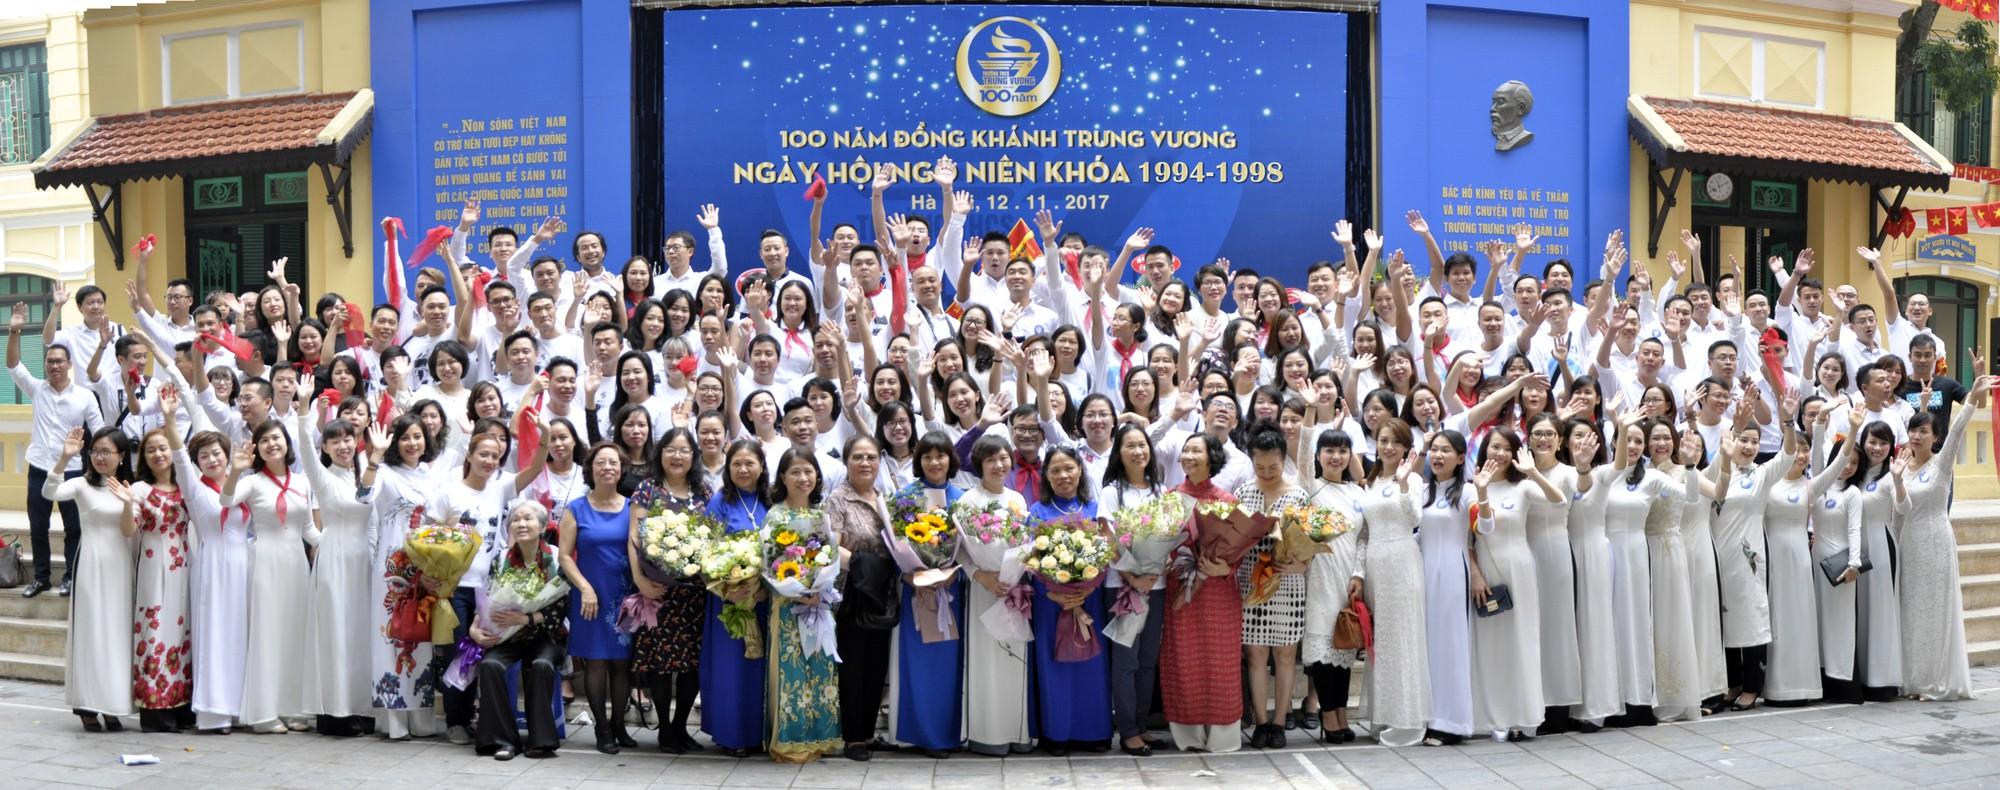 """""""Ngày trở về"""" đầy cảm xúc của cựu học sinh kỷ niệm 100 năm trường THCS Trưng Vương - Ảnh 3."""